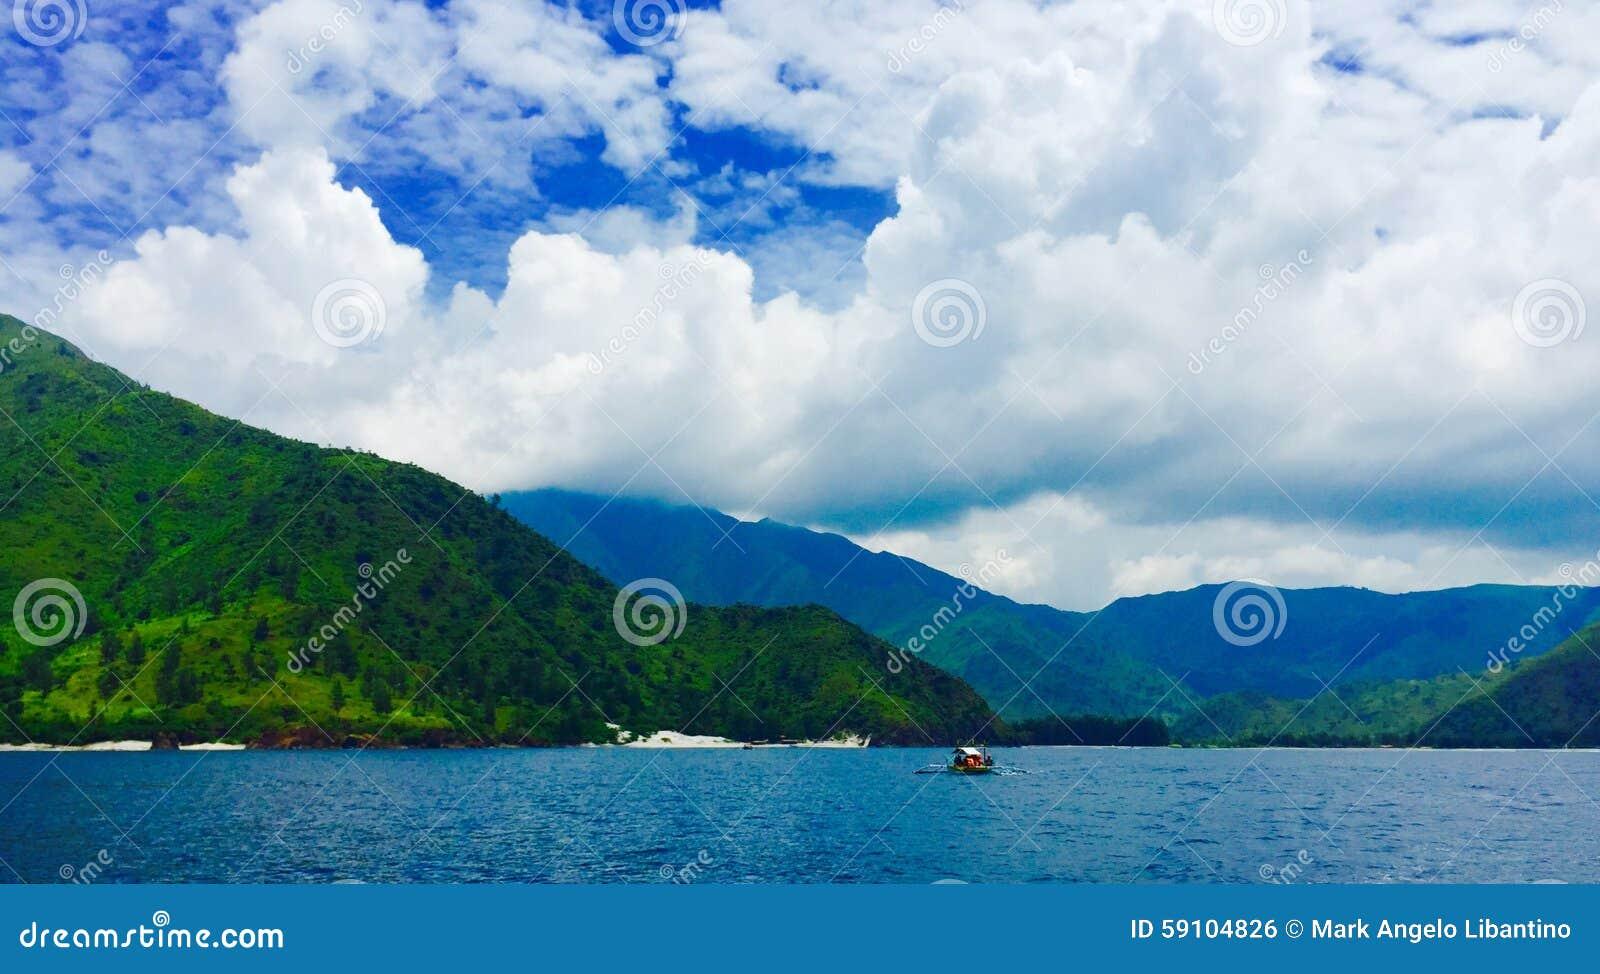 山和海洋1